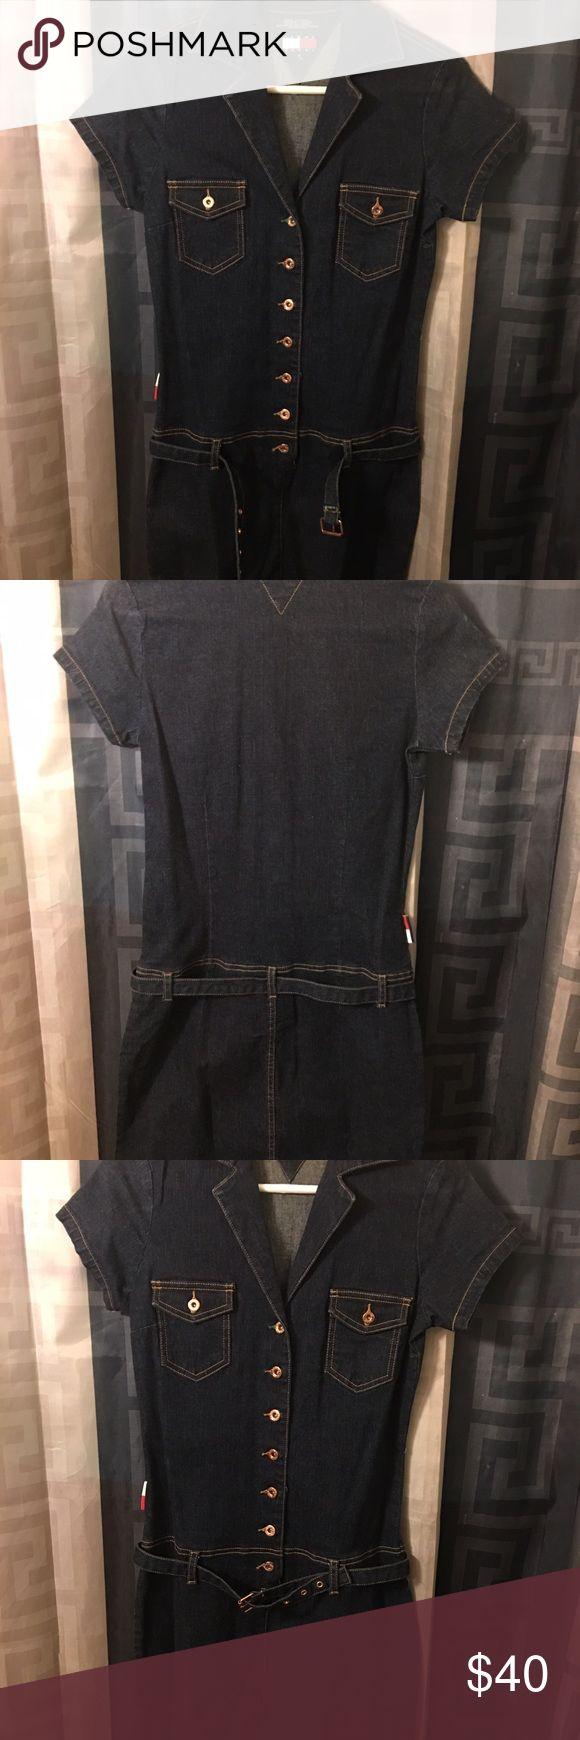 NWOT Denim Tommy Hilfiger dress with belt NWOT Denim Tommy Hilfiger dress with belt Tommy Hilfiger Dresses